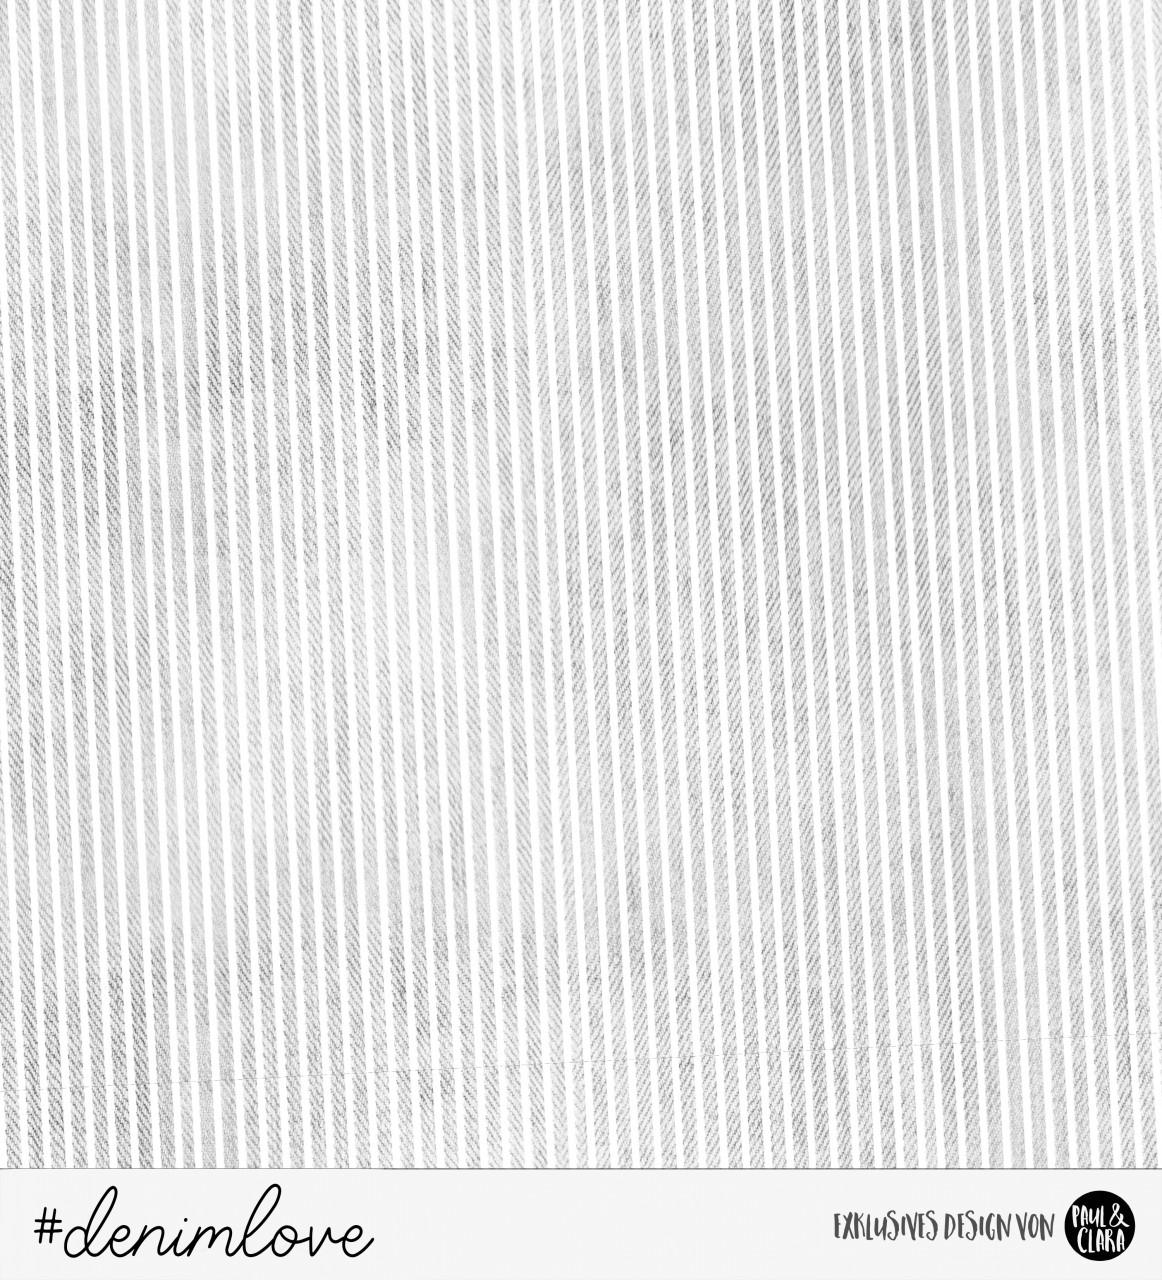 88 cm RESTSTÜCK-denimlove STRIPES  - Grau *Bio-Sommersweat*-